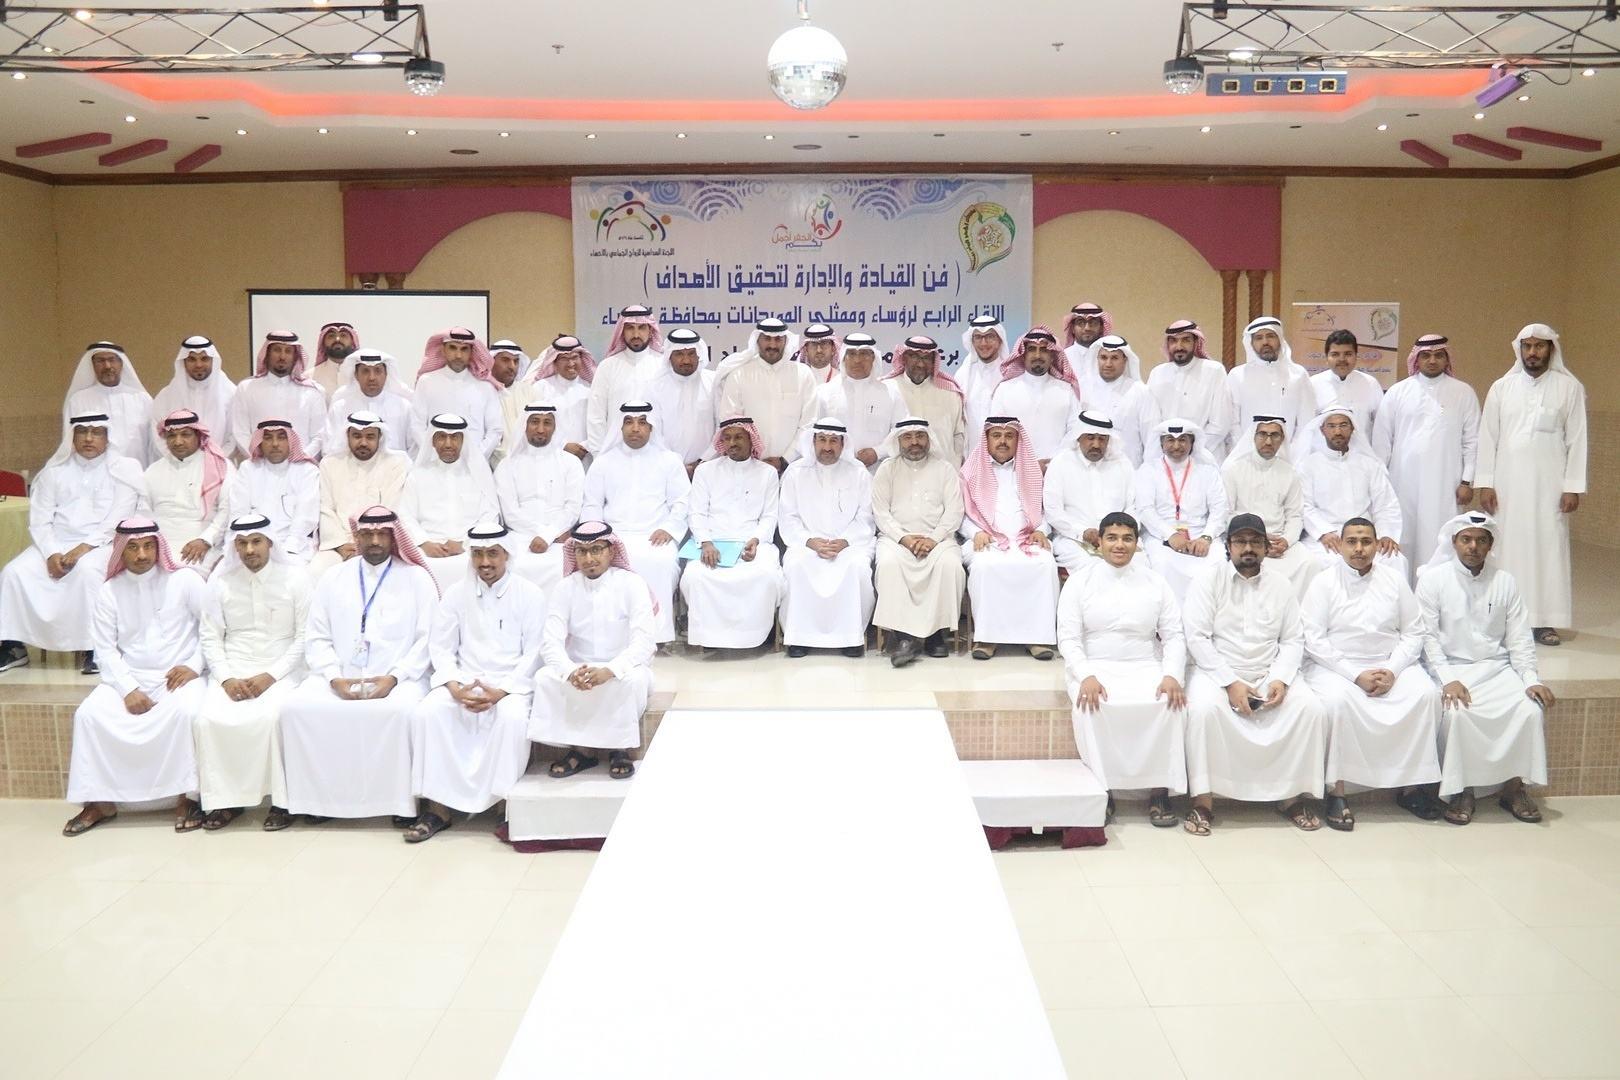 ابواحمد انور الراشد يمثل مهرجان المصطفى للزواج الجماعي  بالمنيزلة